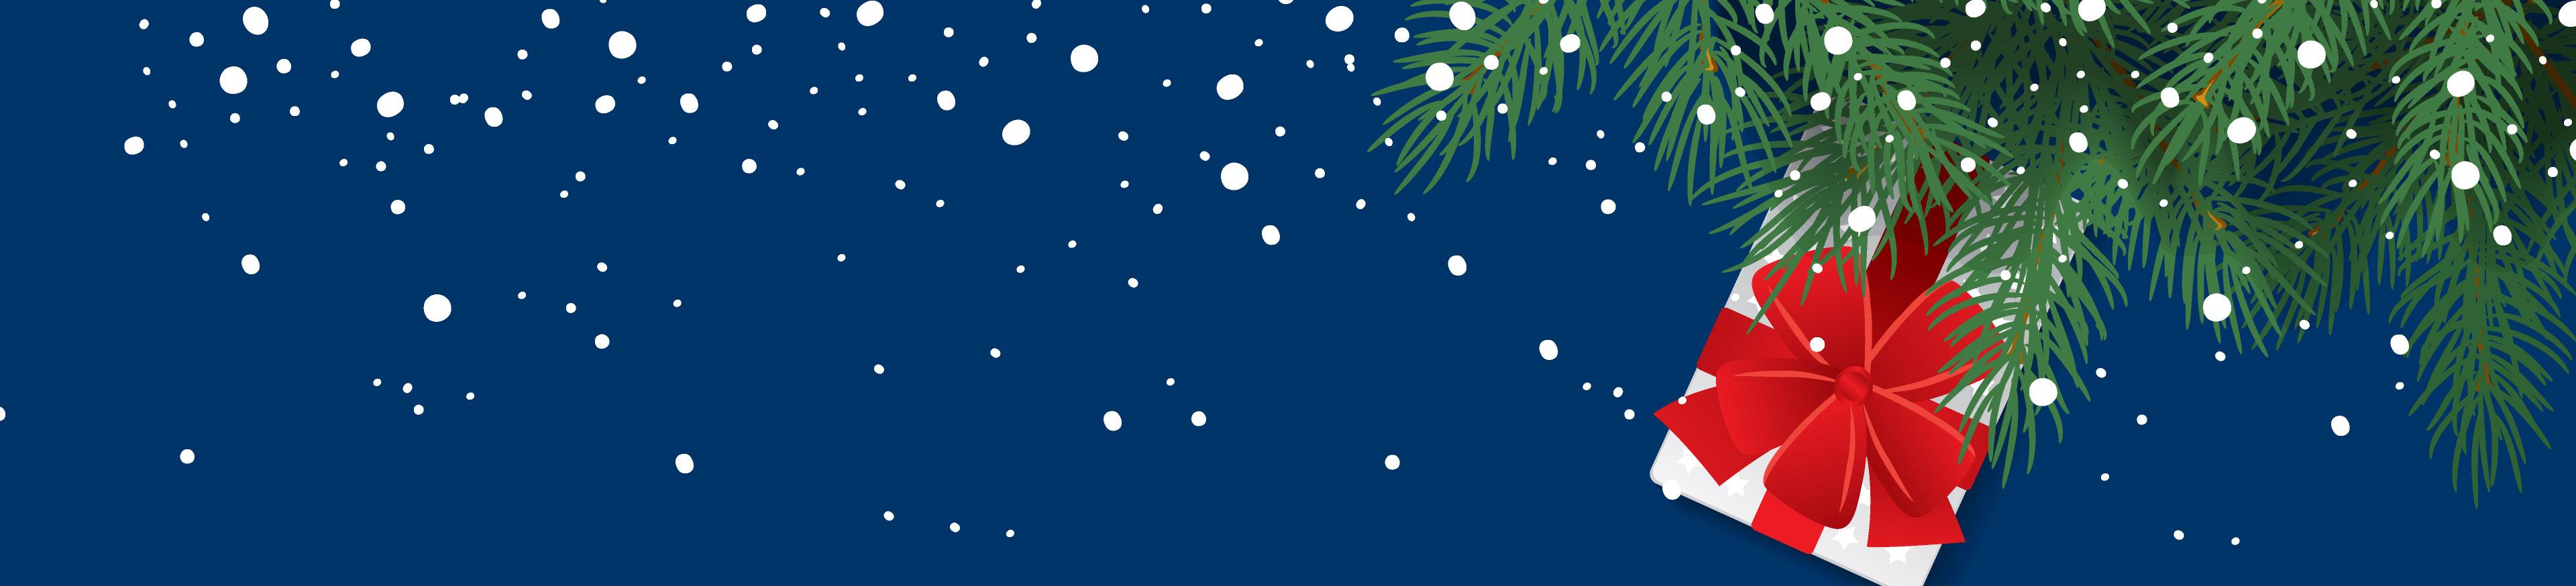 HS_ecommerce_christmas_offer_hero_3840x874.jpg